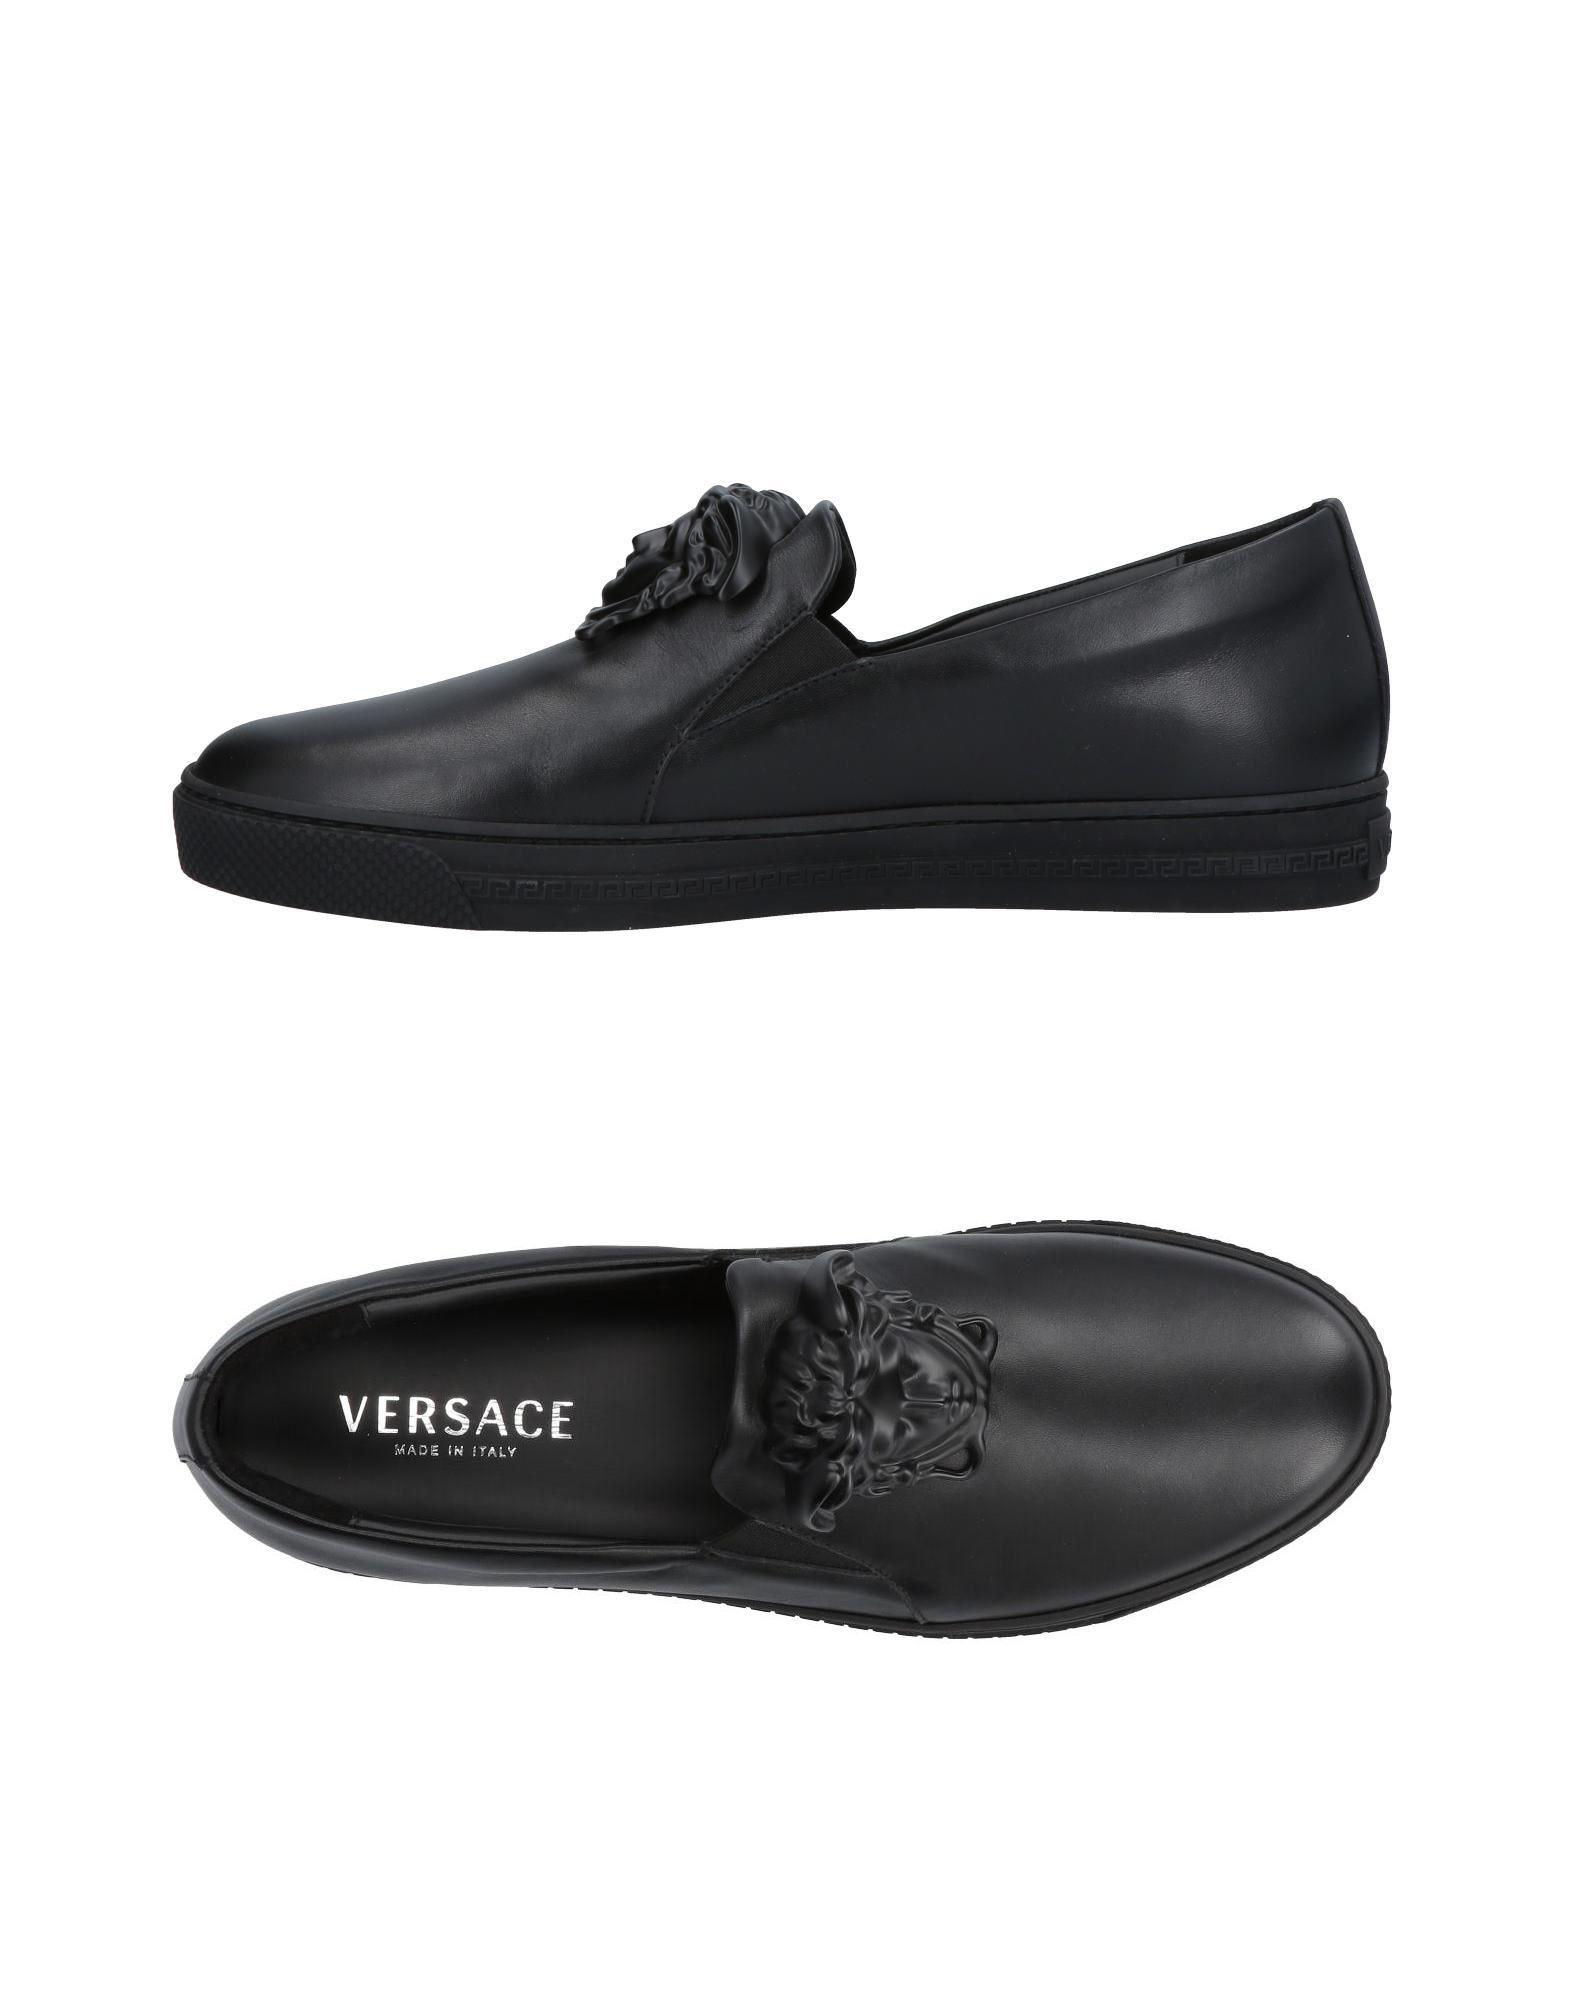 Versace Sneakers Herren  11371393BS Gute Qualität beliebte Schuhe